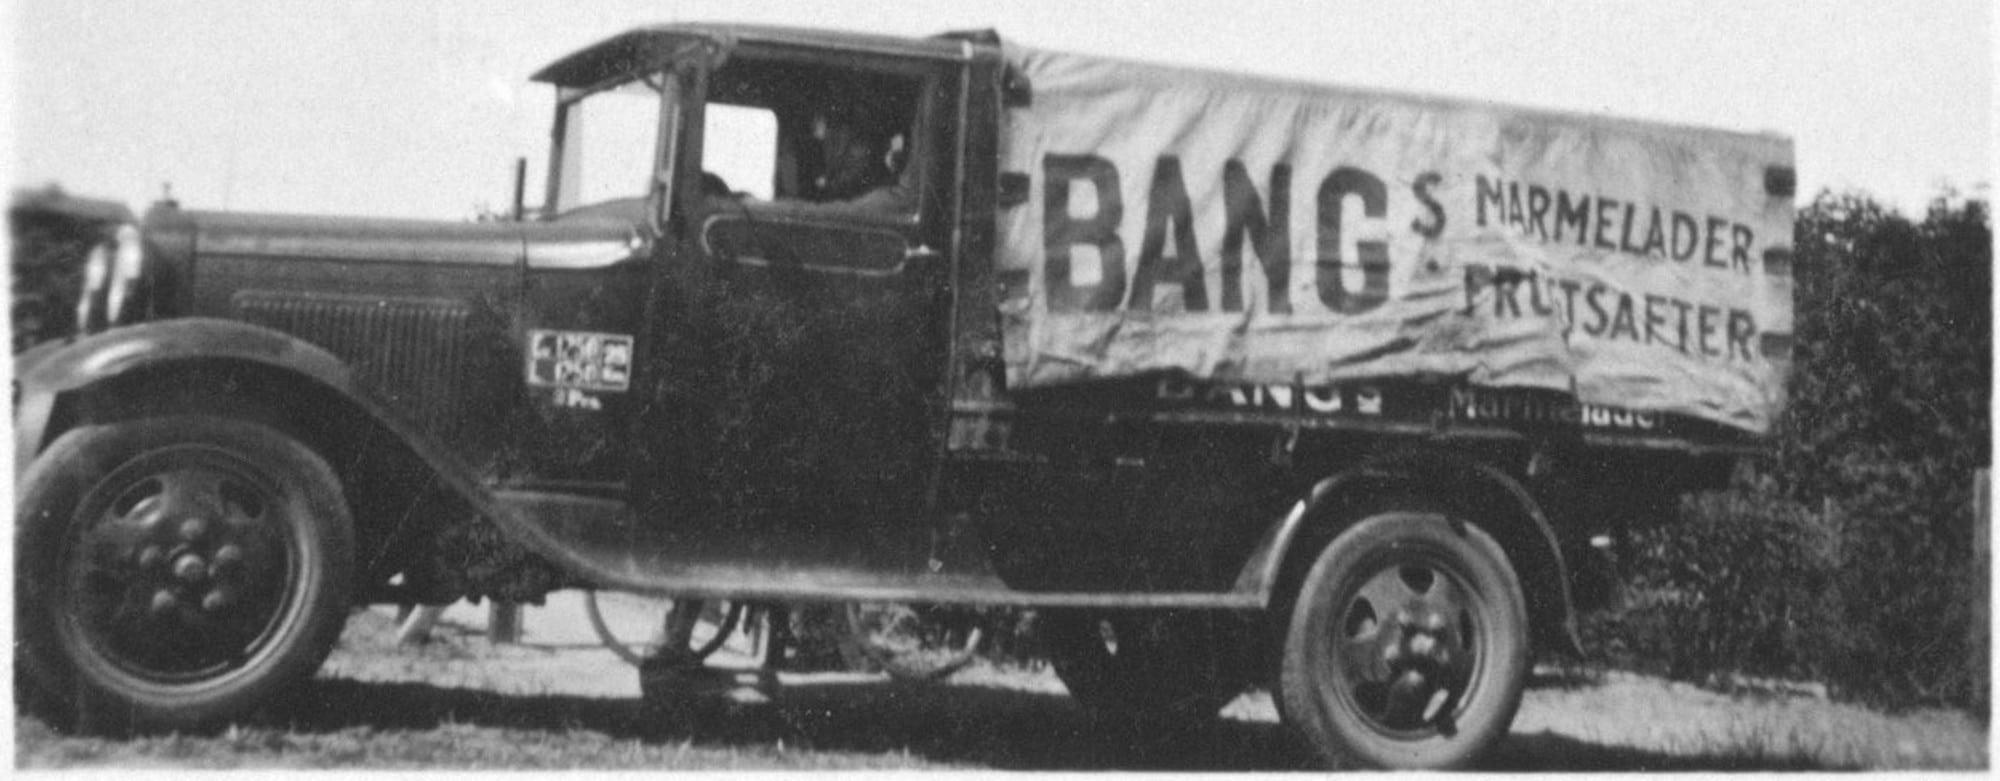 bangs-jureny